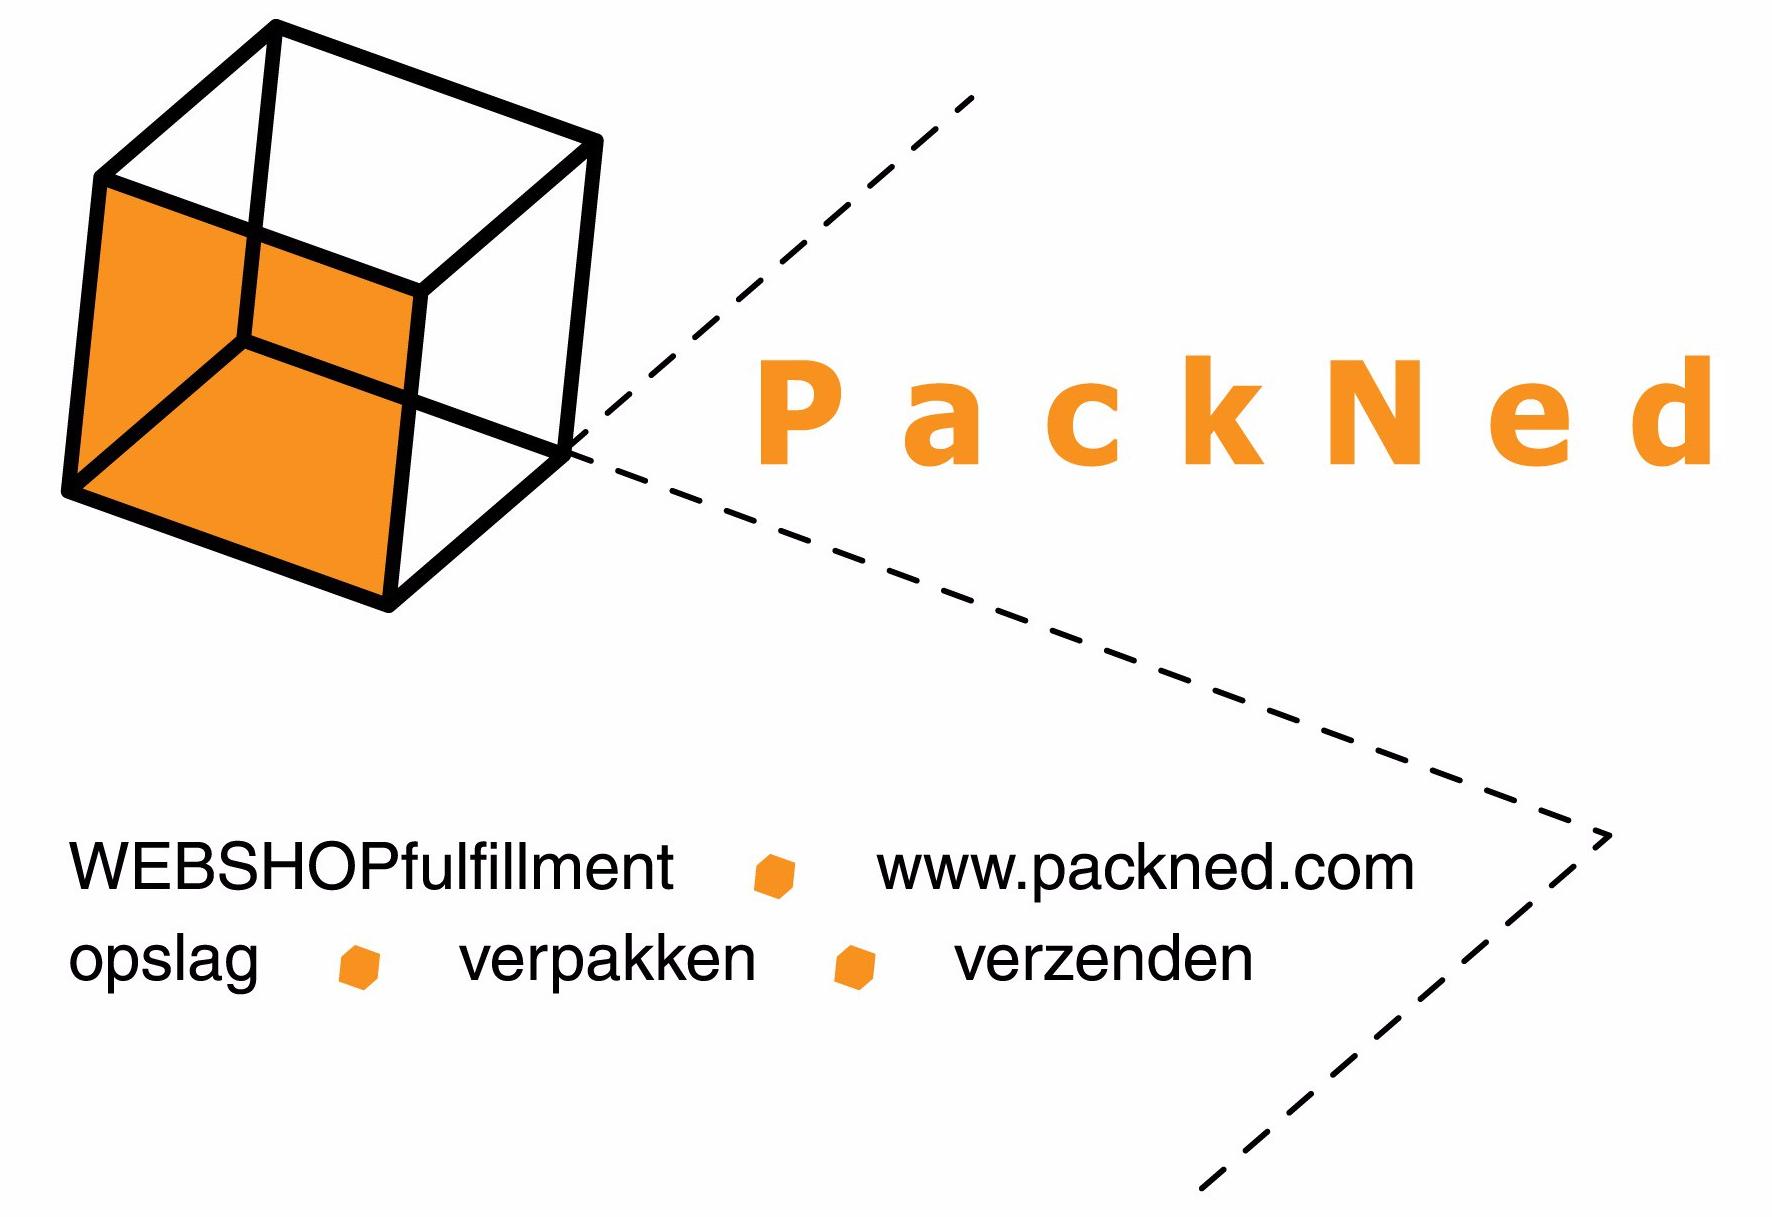 voorbeeld_logo_packned_outline-2.jpg